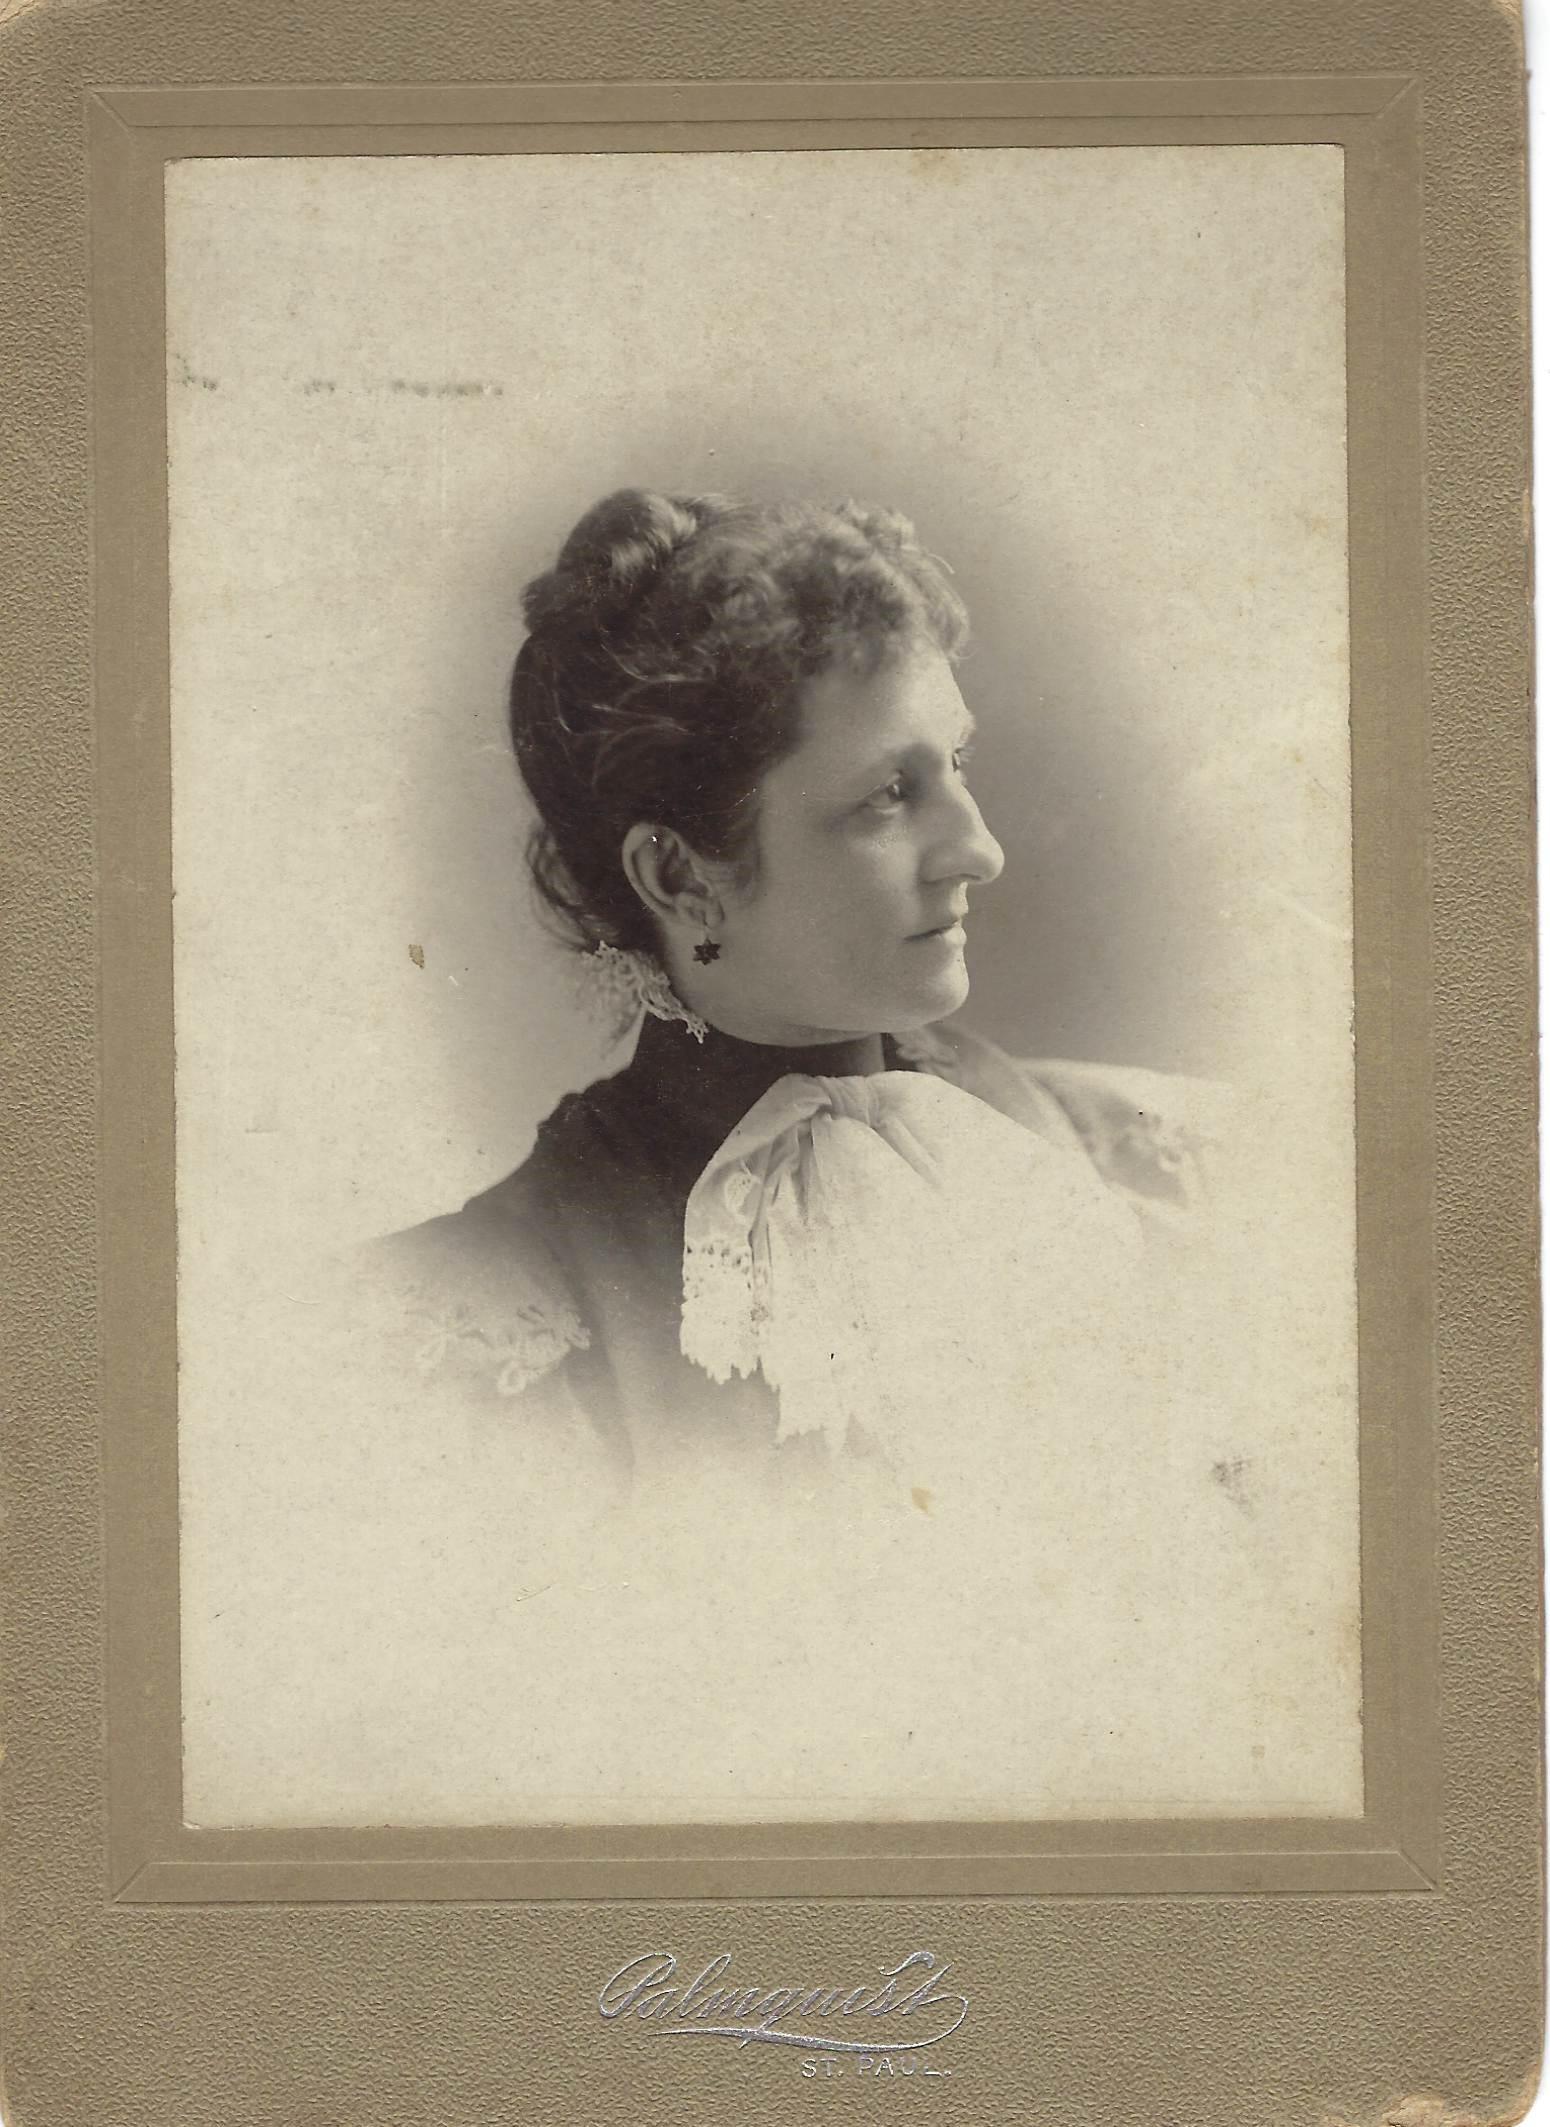 Elizabeth Kahlert-Macklett